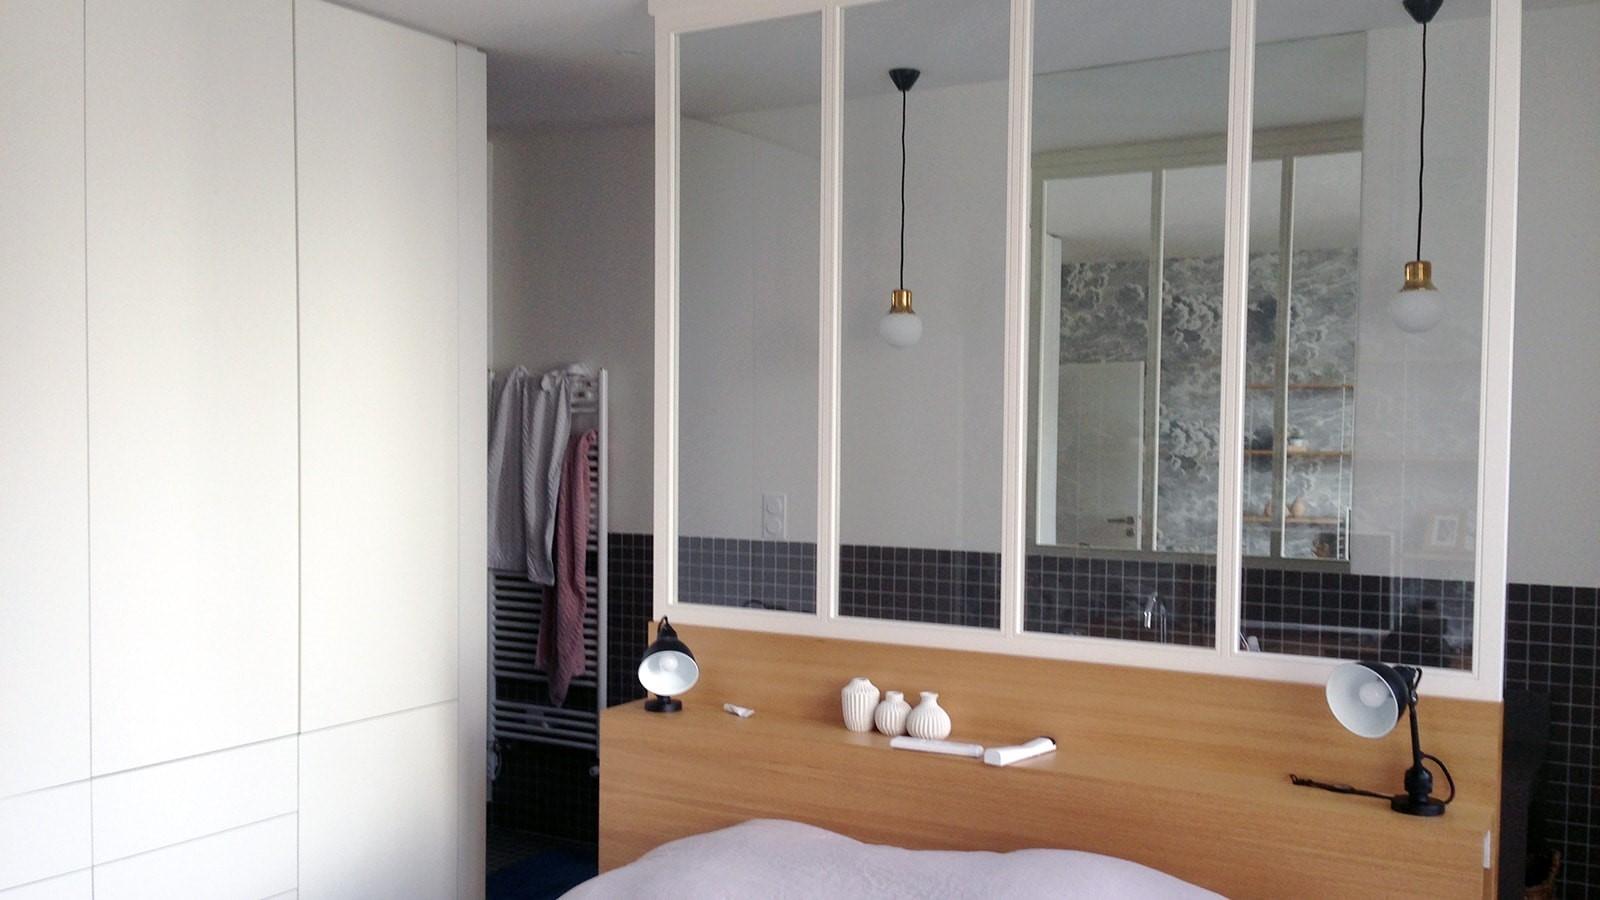 Maison Particuliere Nantes Efi Design (1)